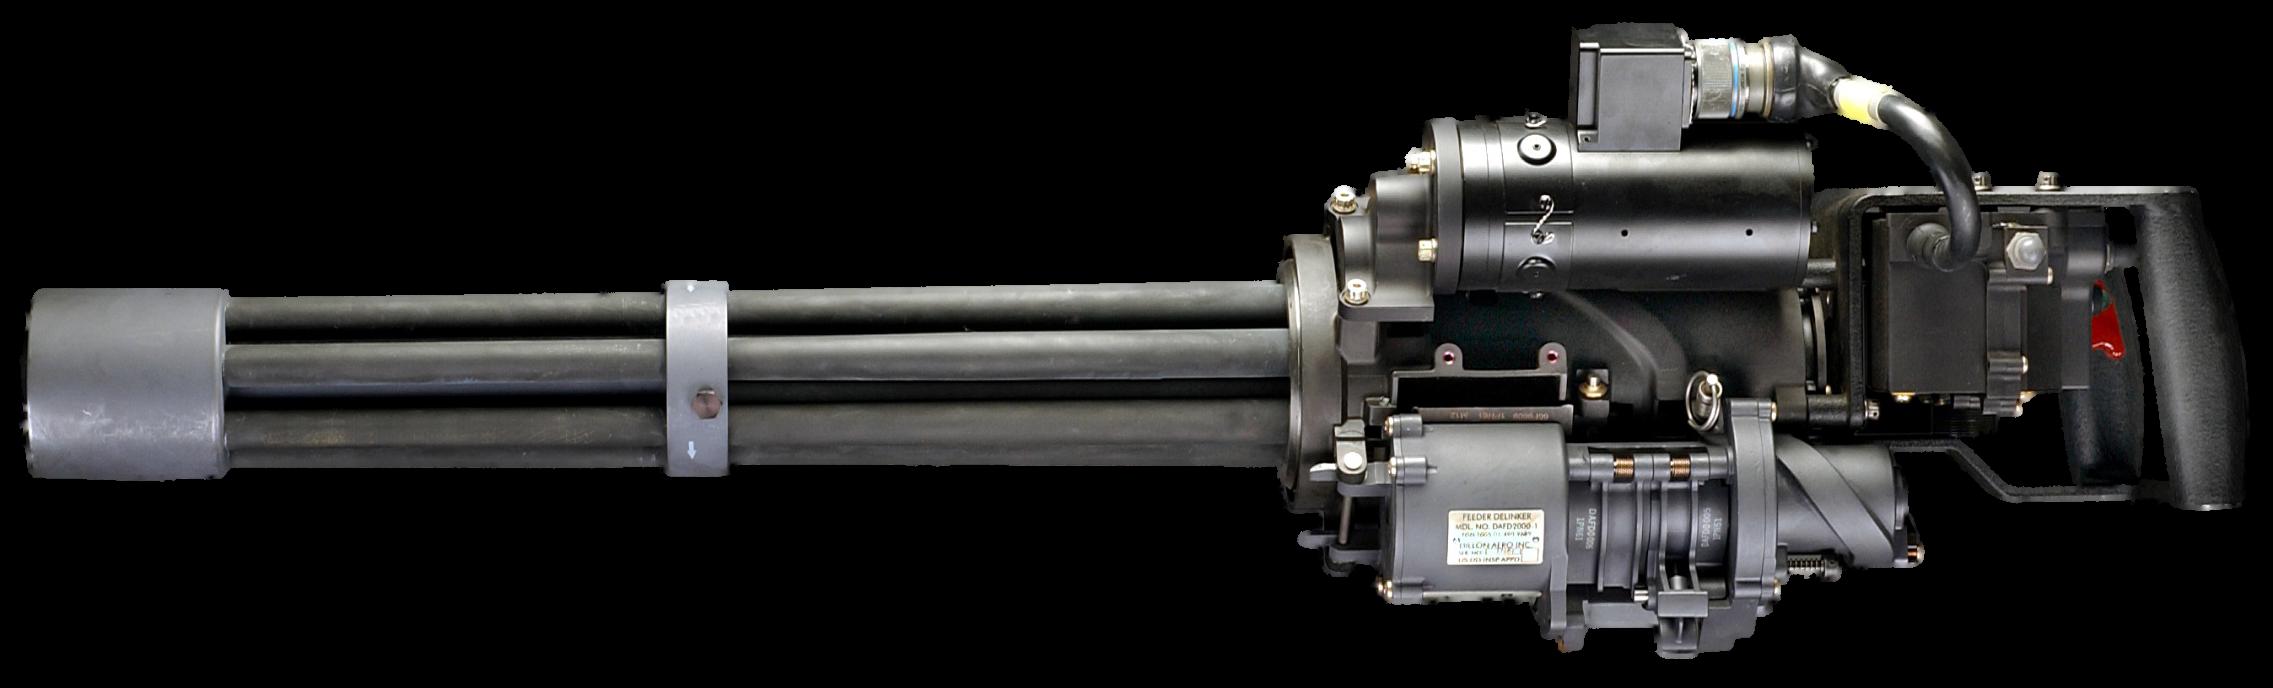 The M134 Minigun is a 7.62x51 mm NATO, six-barreled ...